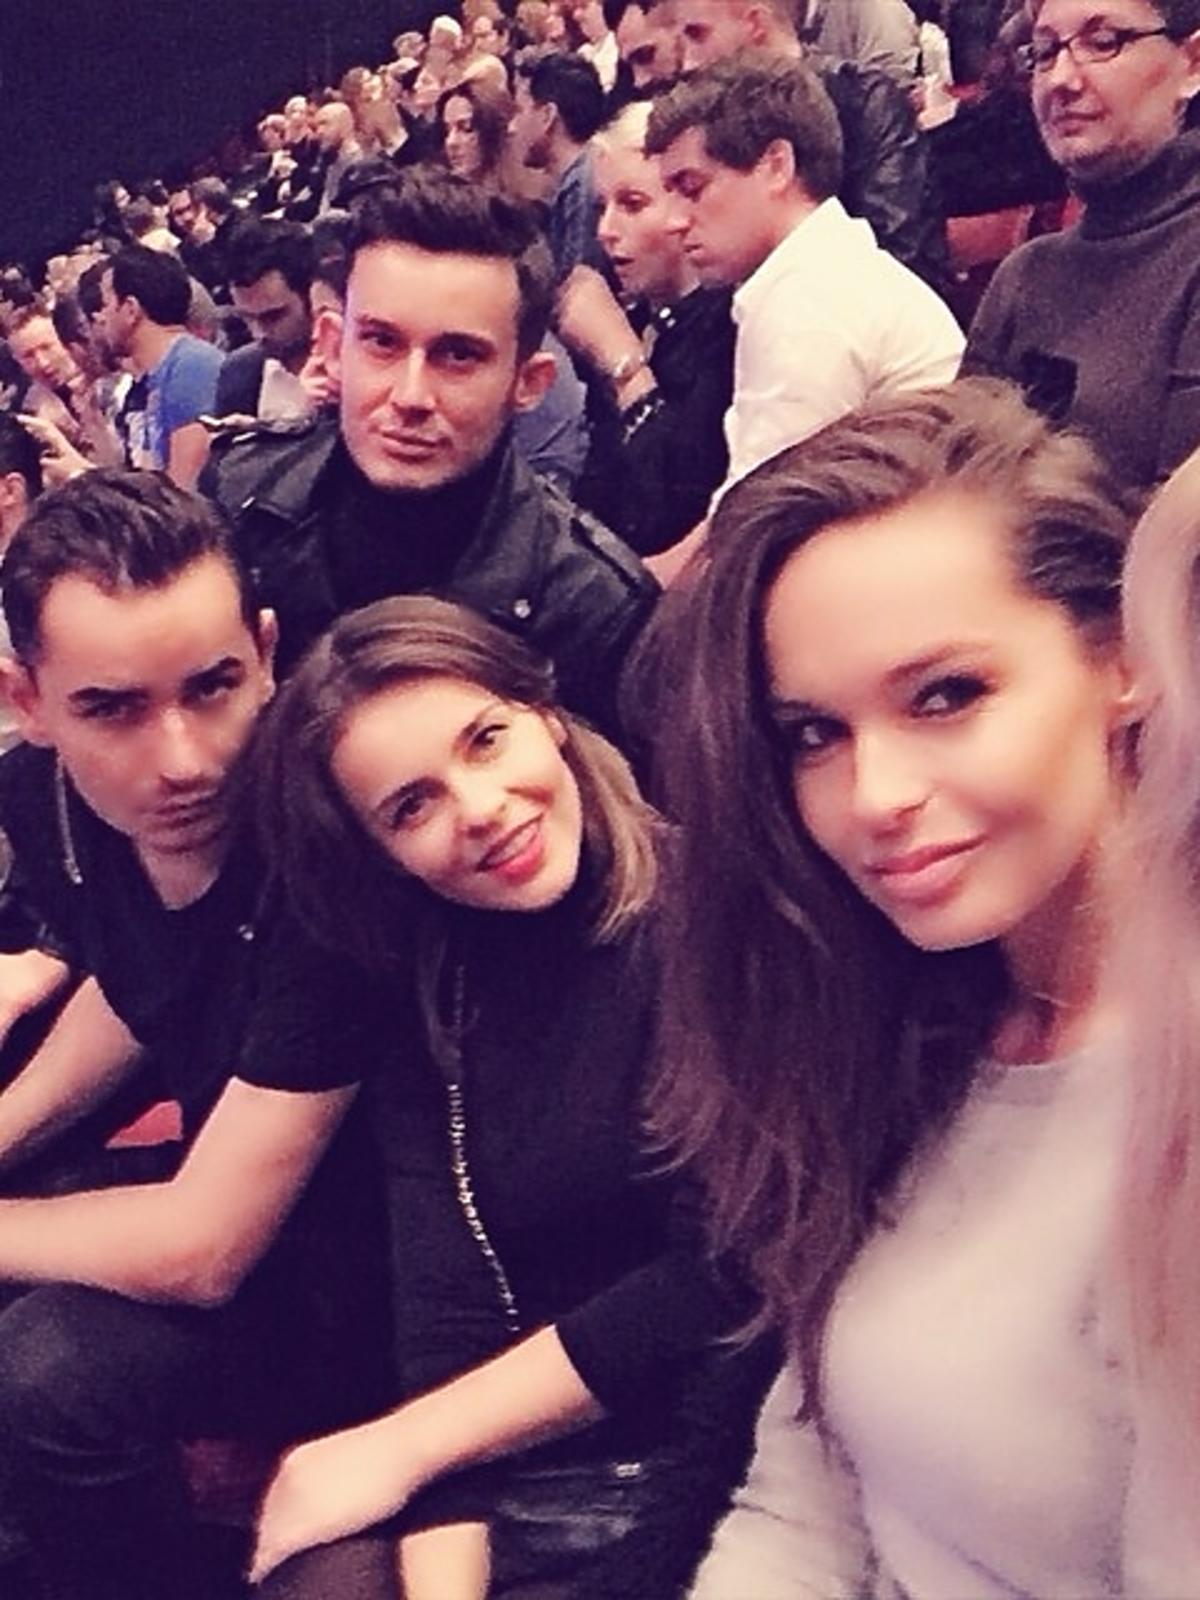 Edyta Herbuś, Kasia Sowińska i Tomek Sowiński na koncercie Kylie Minogue w Paryżu